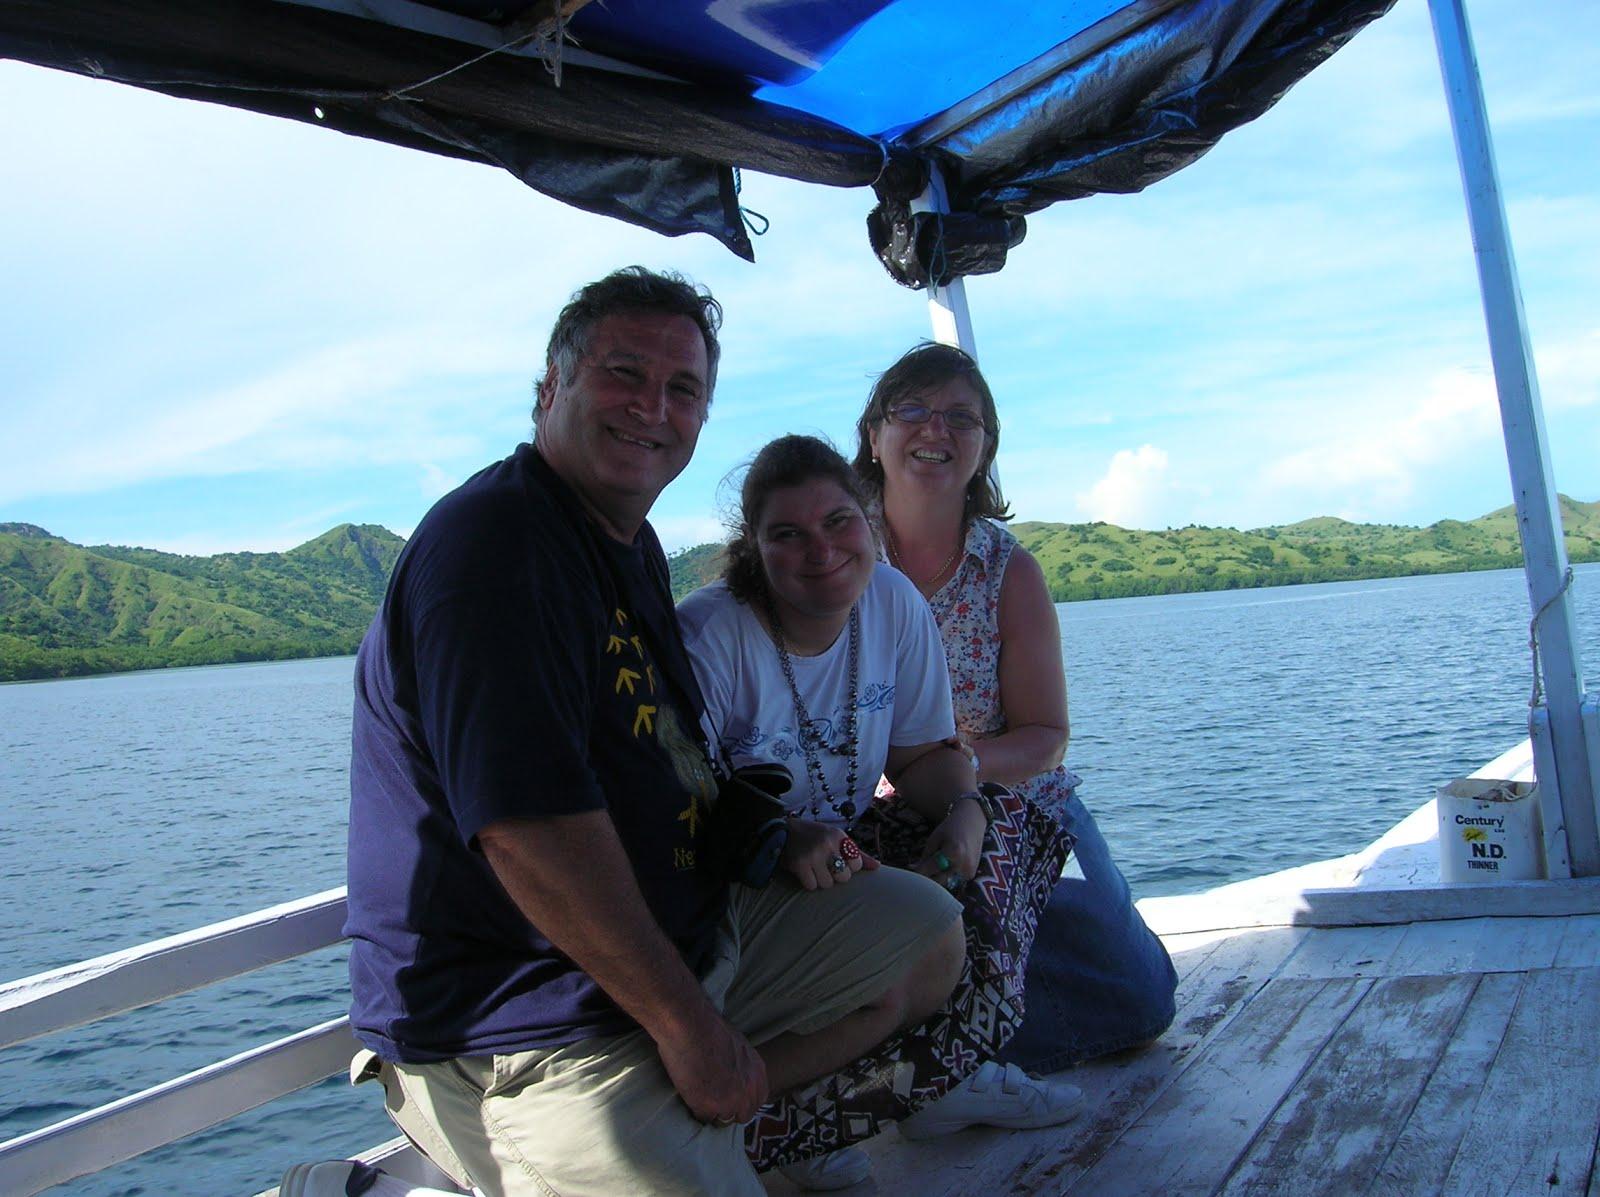 Parque nacional de Komodo, Isla de Flores, vuelta al mundo, round the world, La vuelta al mundo de Asun y Ricardo